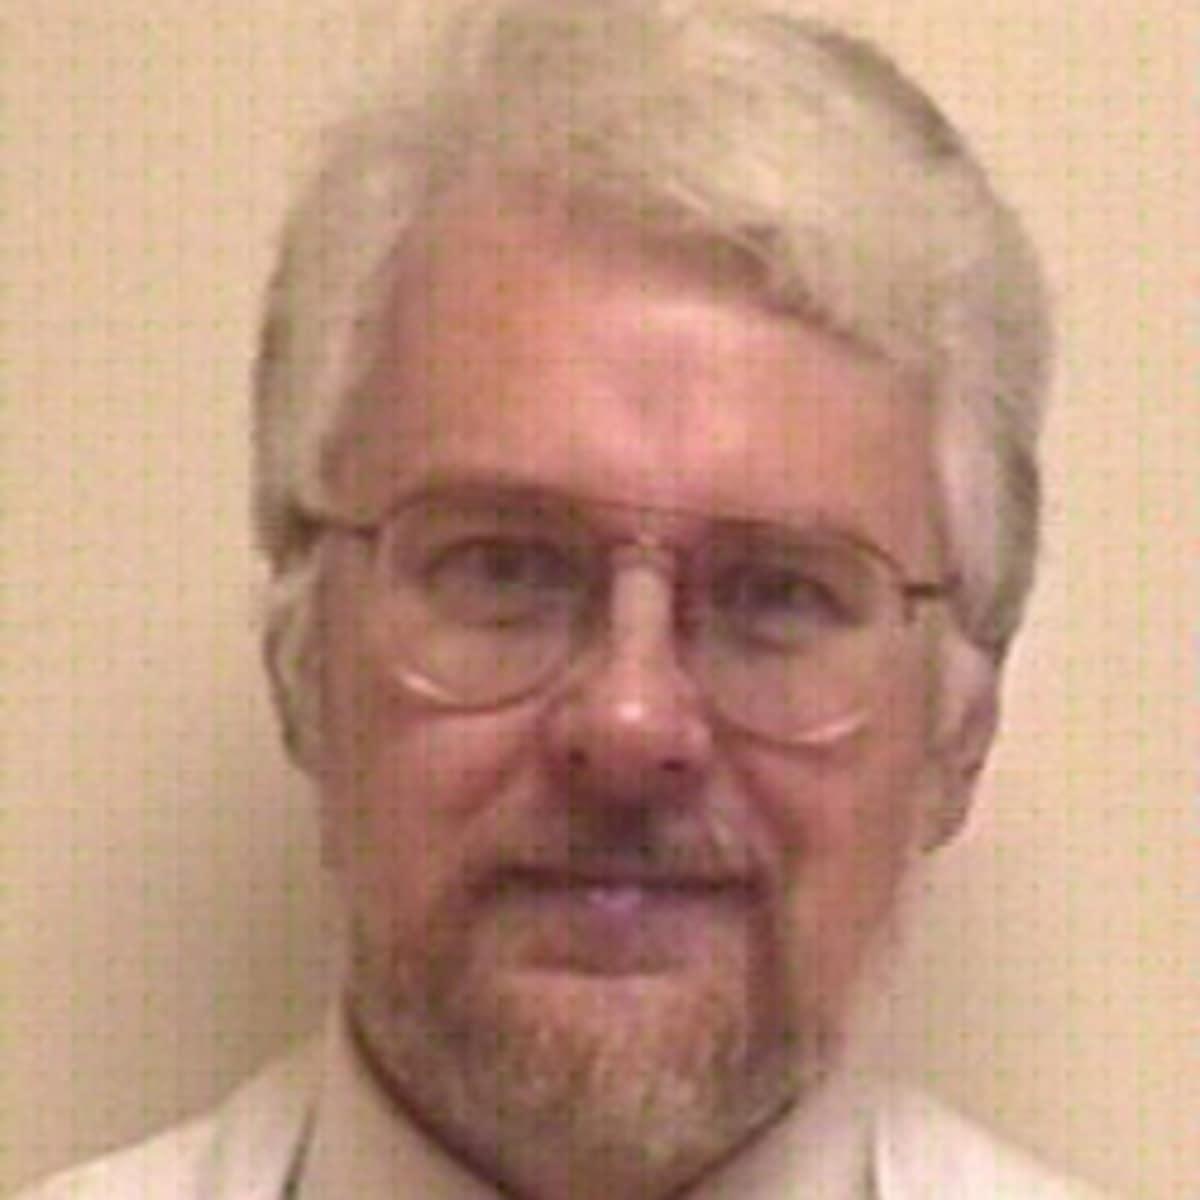 Credentials Dr David Lootens Md Ypsilanti Mi